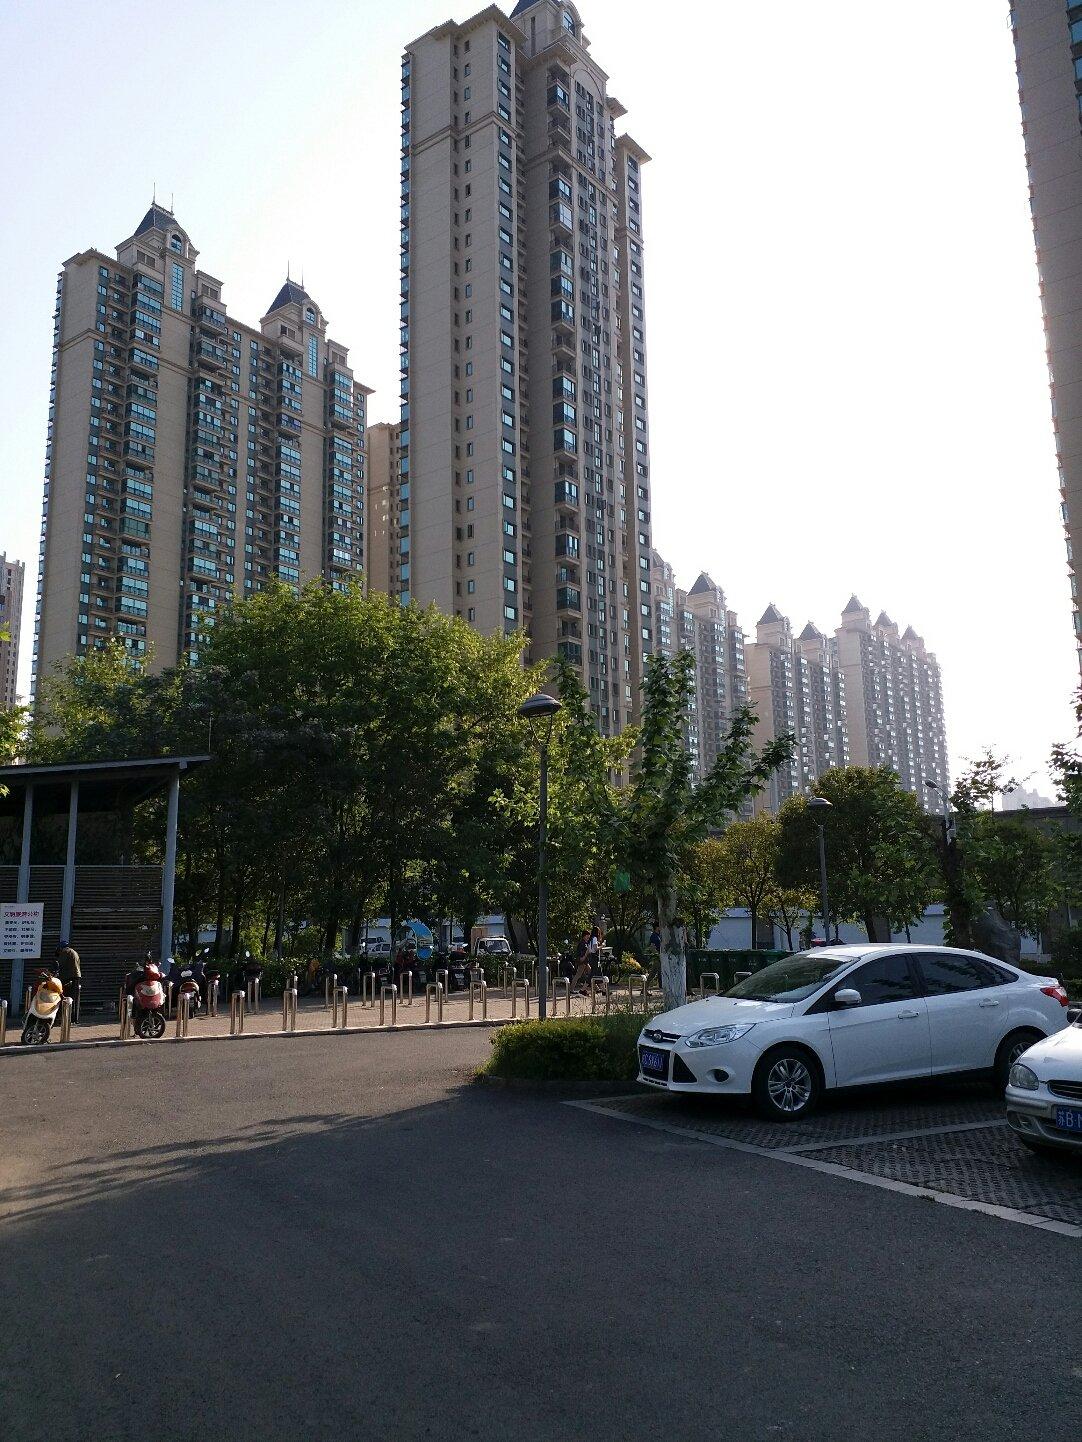 安徽省蚌埠市蚌山区环湖西路靠近金叶苑别墅区天气预报图片